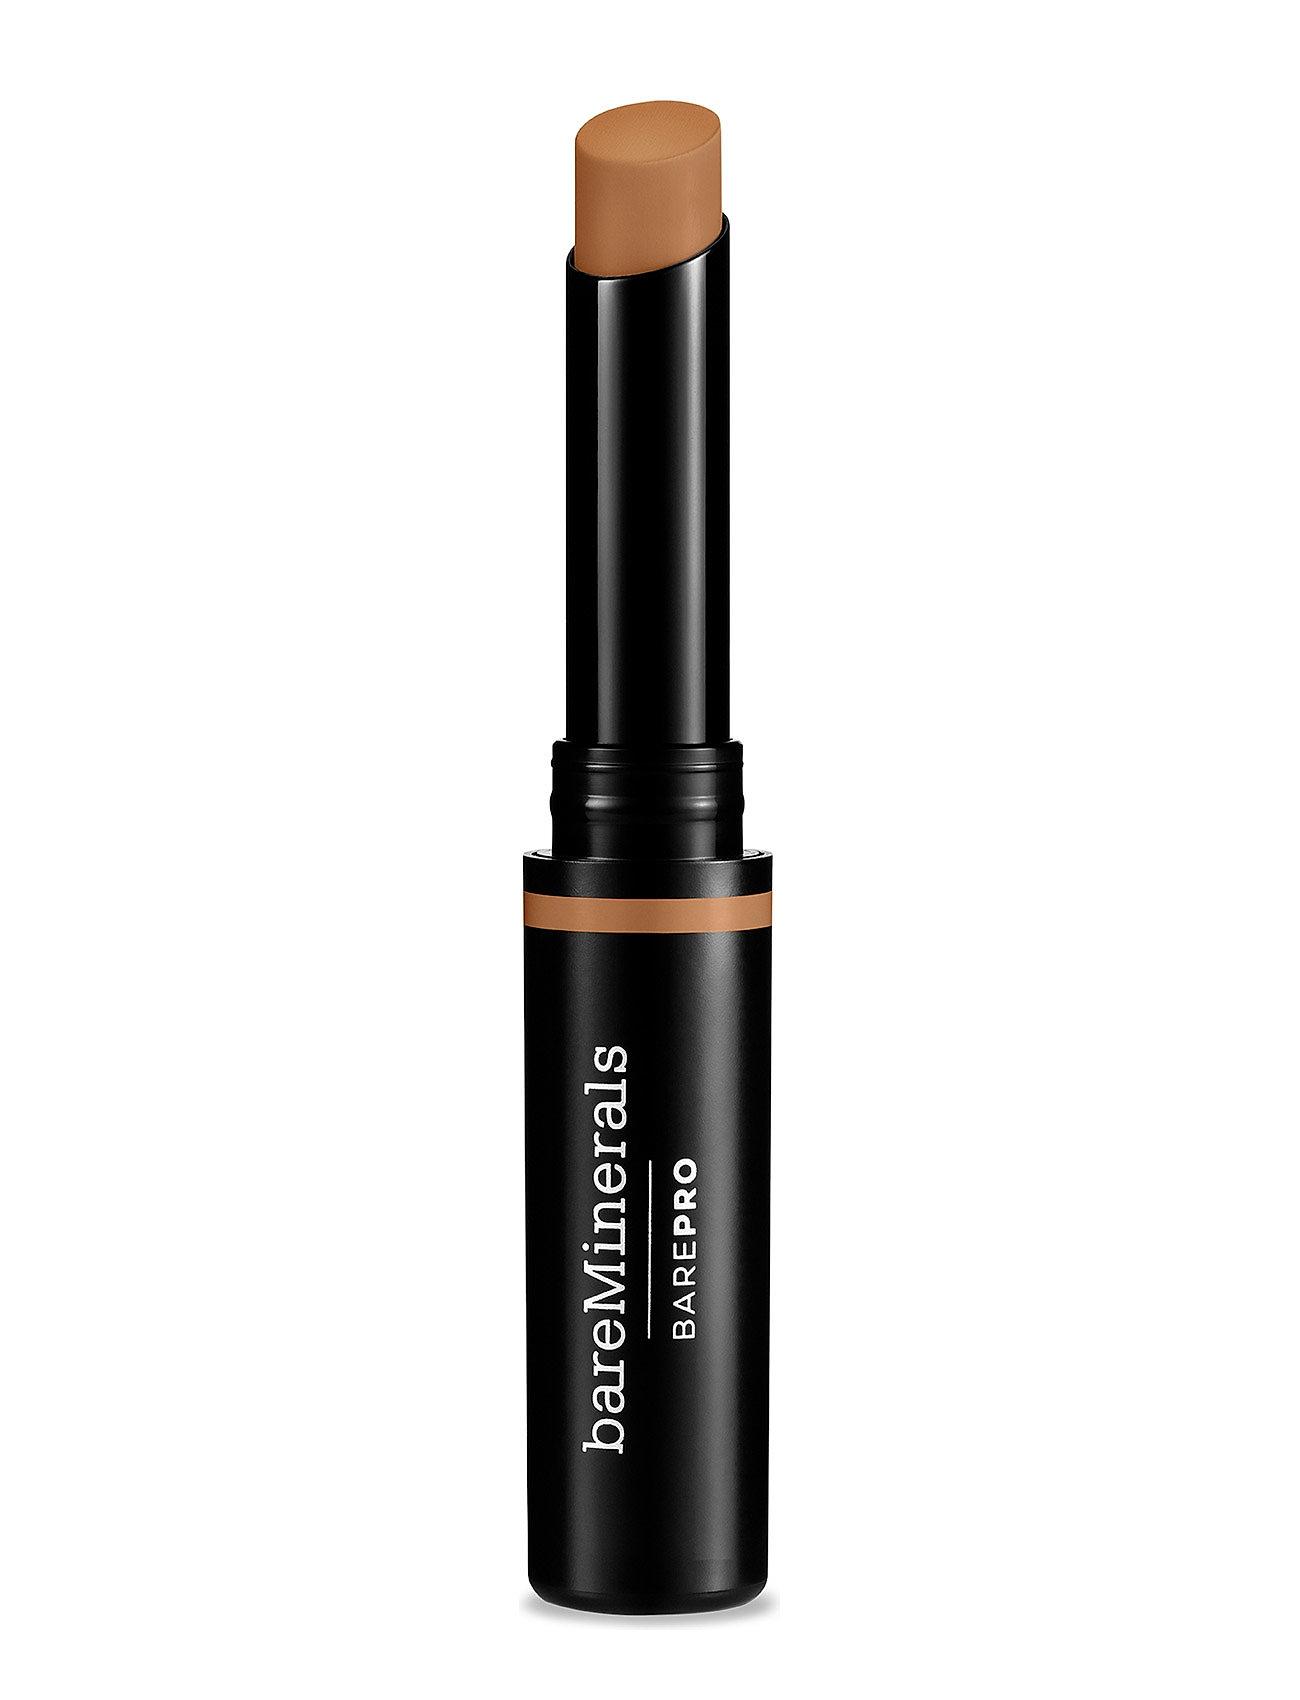 Image of Barepro 16-Hour Full Coverage Concealer Concealer Makeup BareMinerals (3400843569)